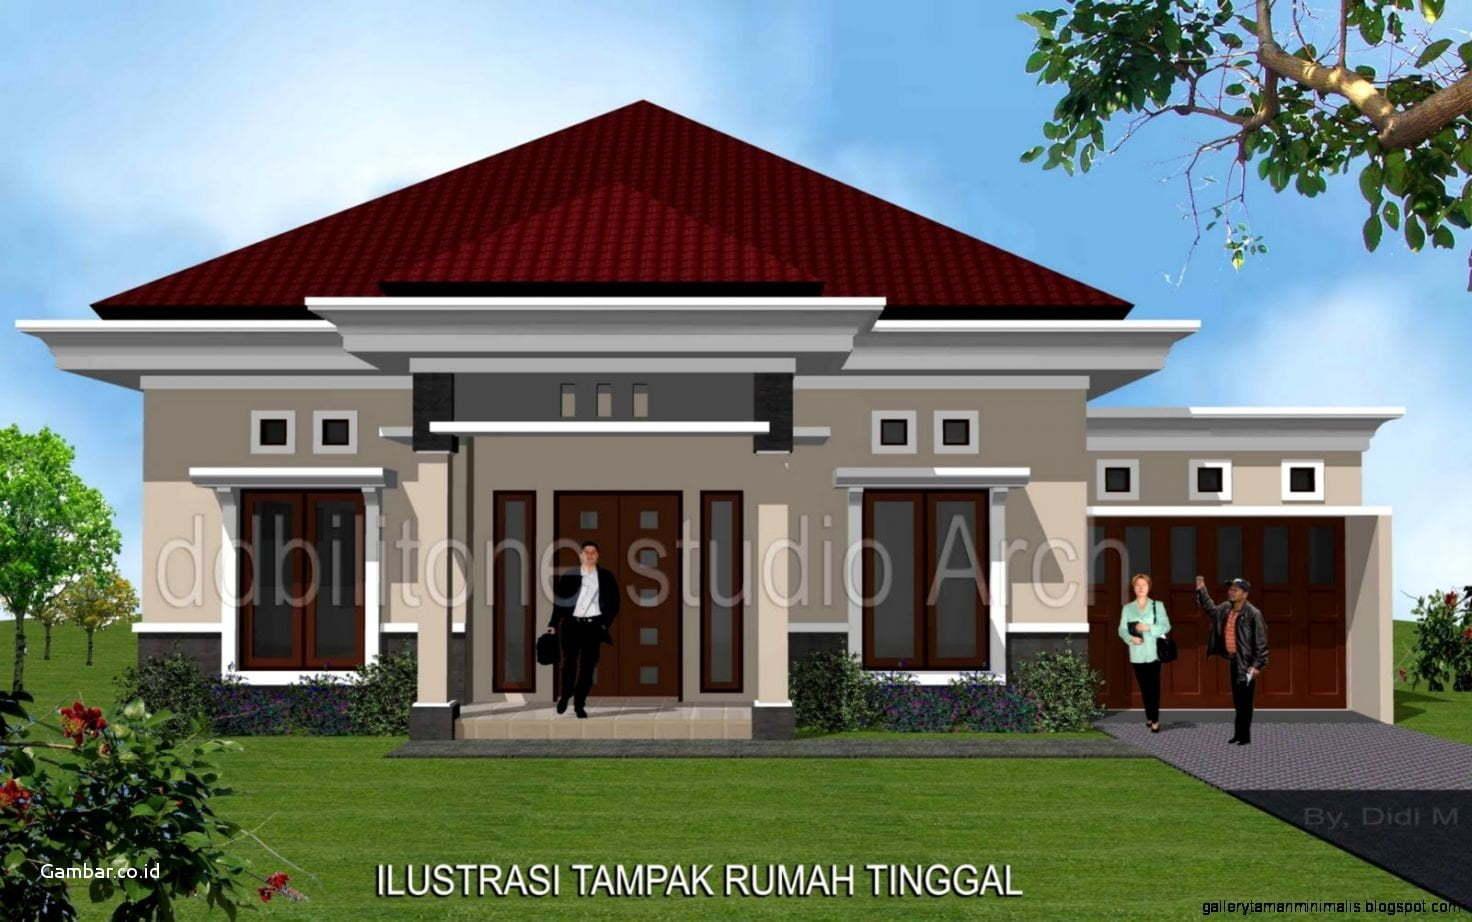 80 Model Desain Rumah Minimalis Modern Sederhana 1 Lantai Istimewa Banget -  Deagam Design